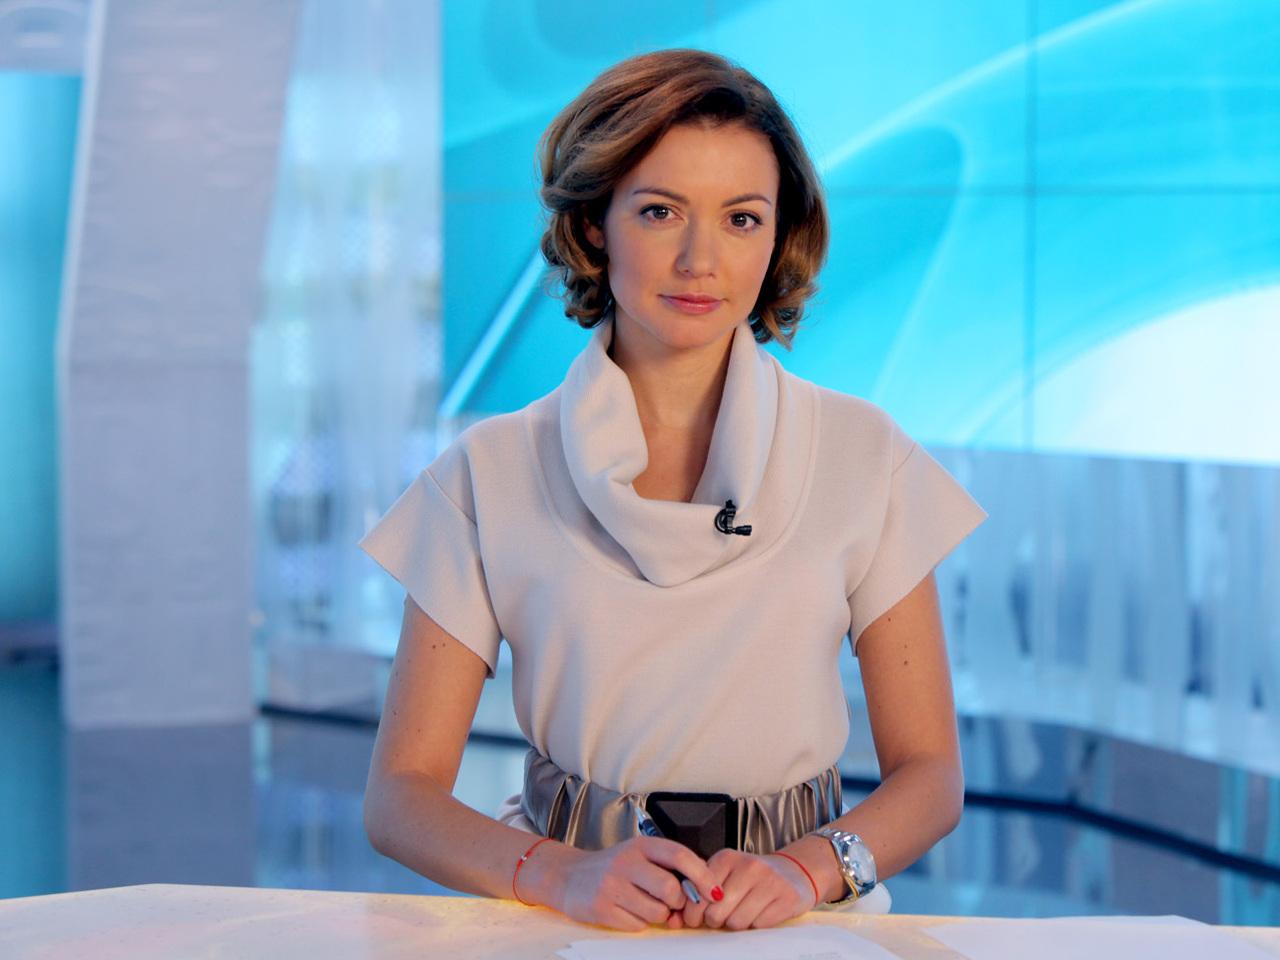 Телеведущие нтв женщины фото 8 фотография